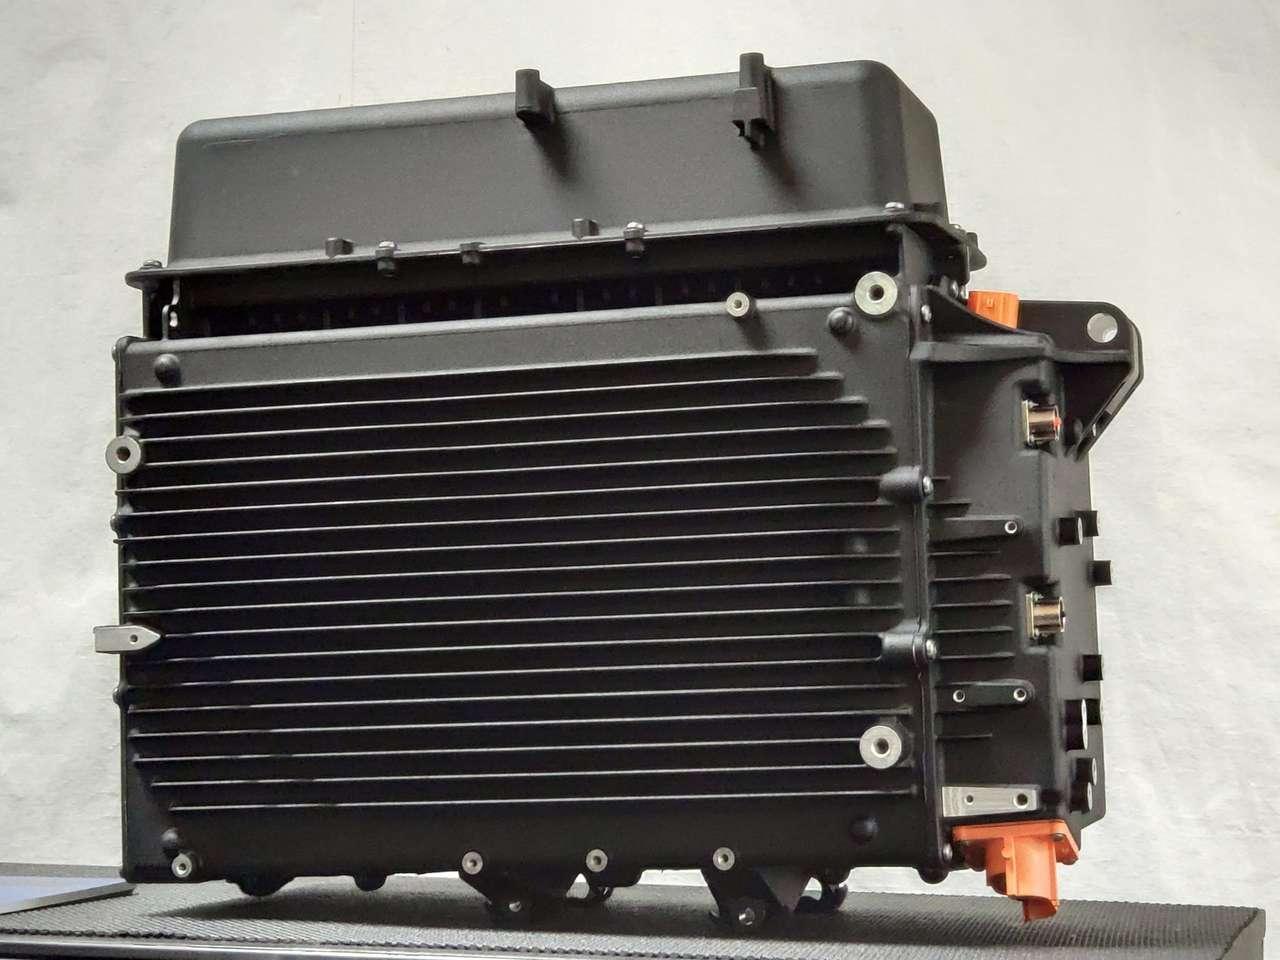 Die RESS Hauptbatterie wiegt mehr als 100 Kilo und hat eine Kapazität von 15,5 kWh